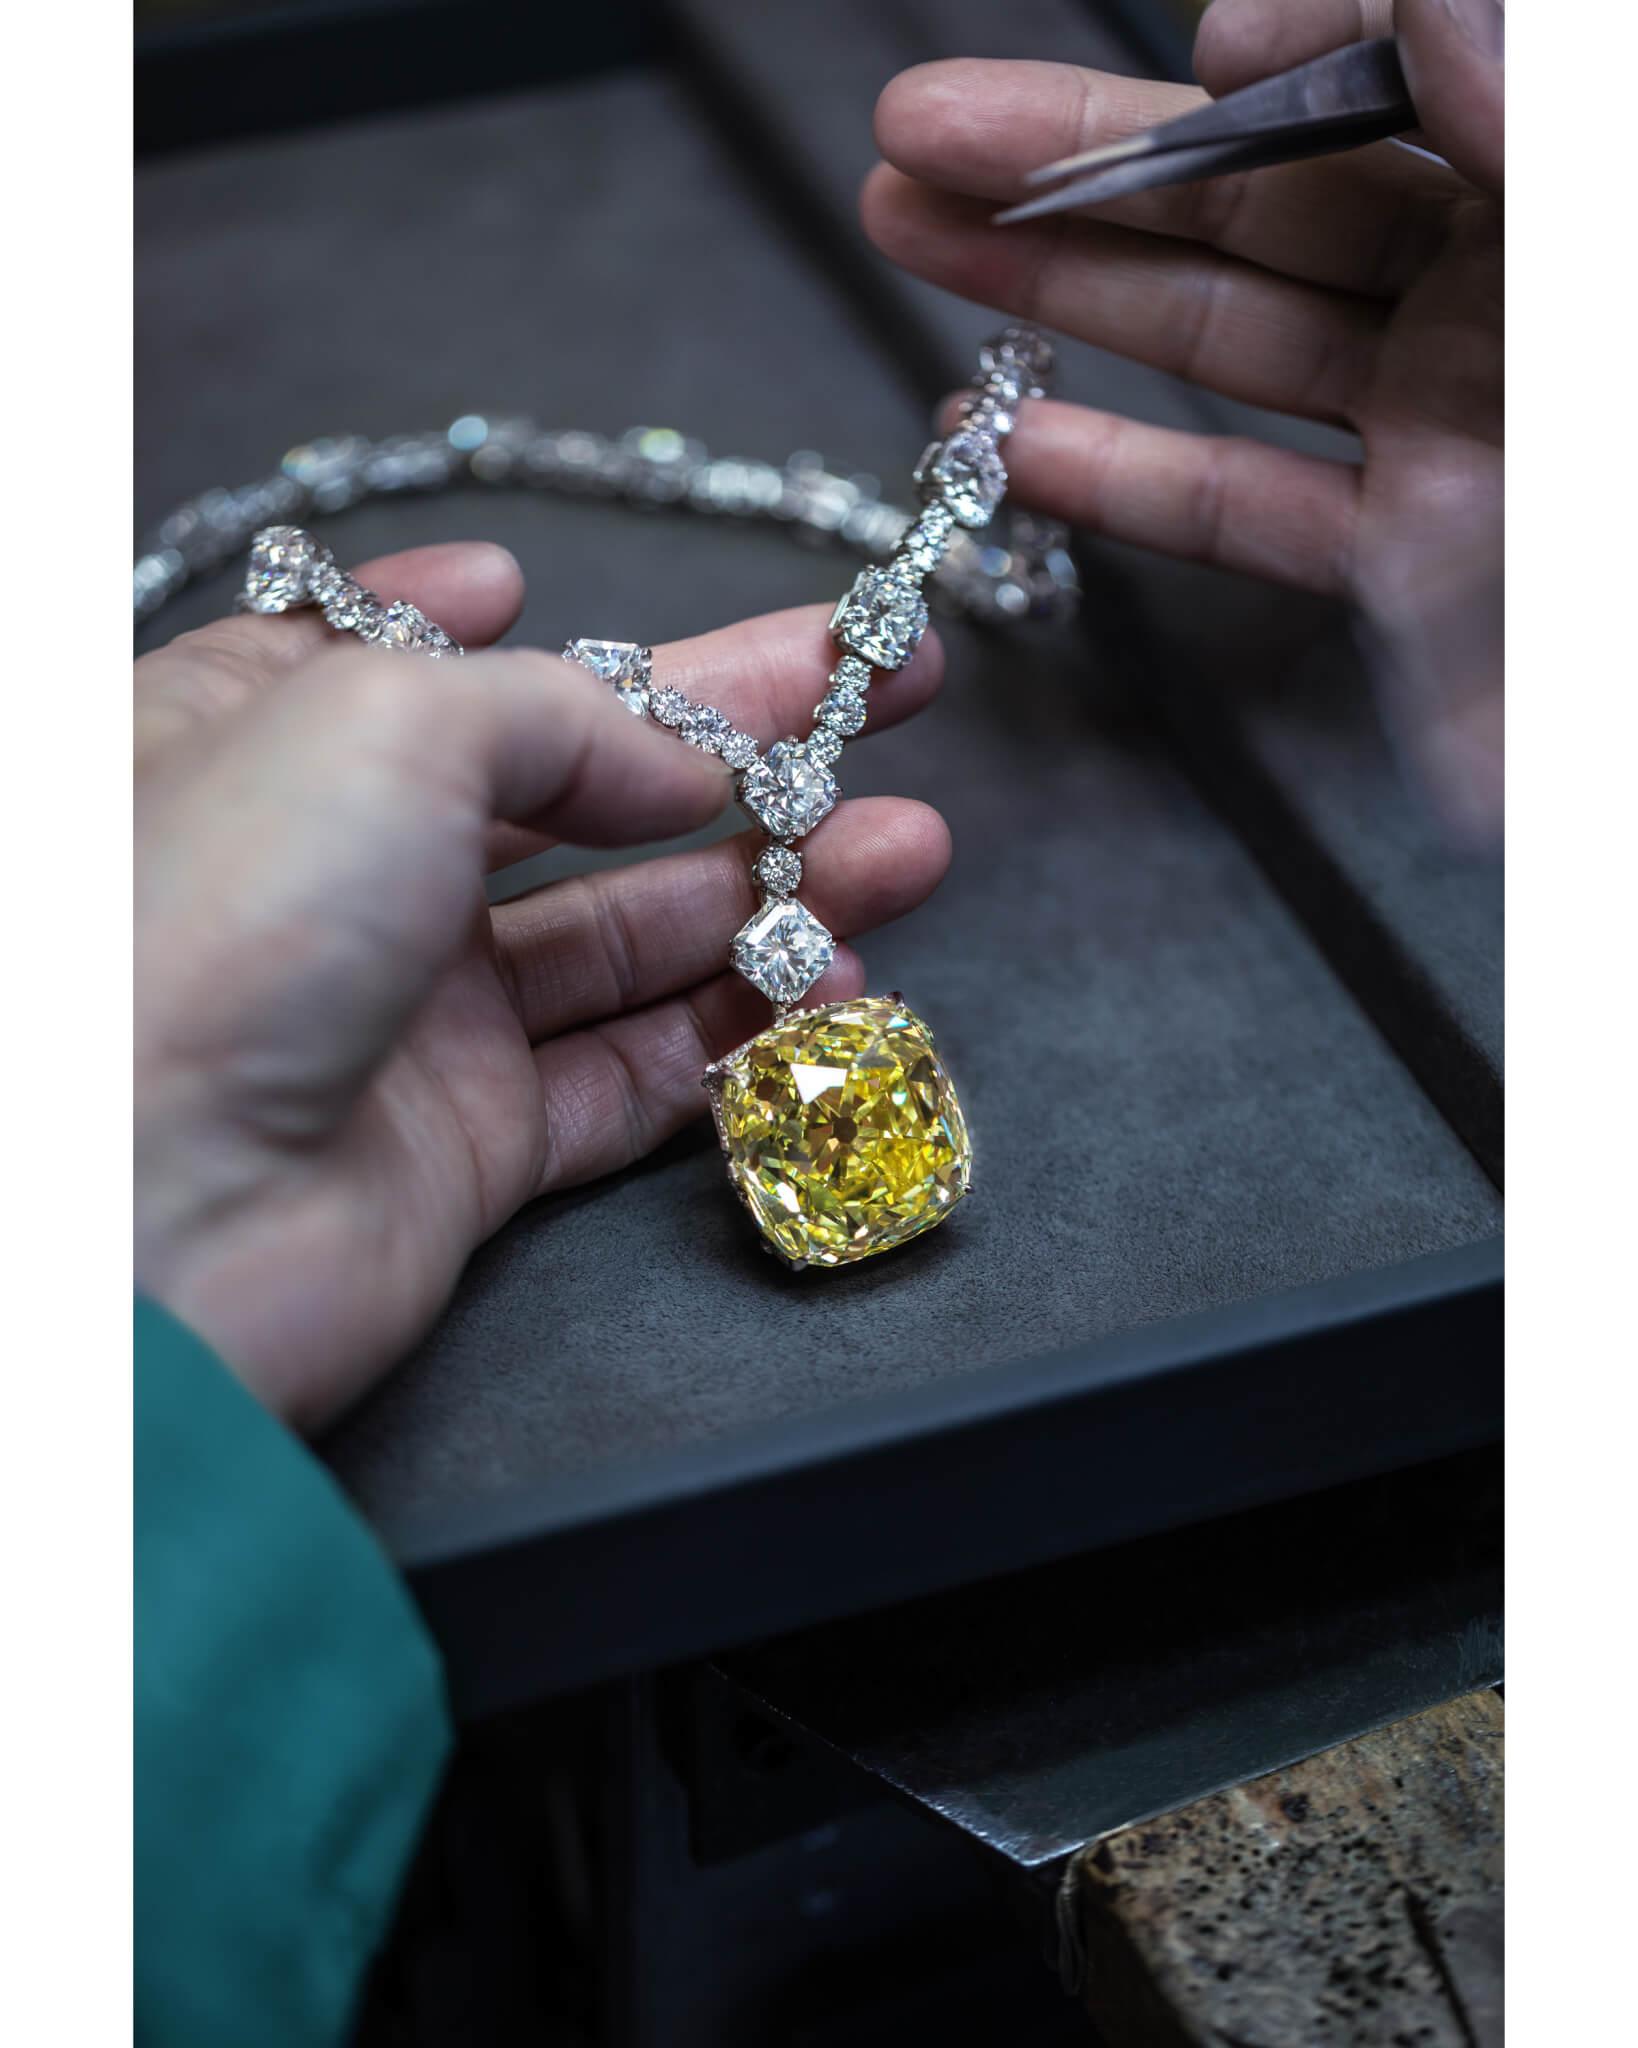 除了經典黃鑽之外,二〇一二年設計的項鏈亦鑲了近百卡的白鑽。